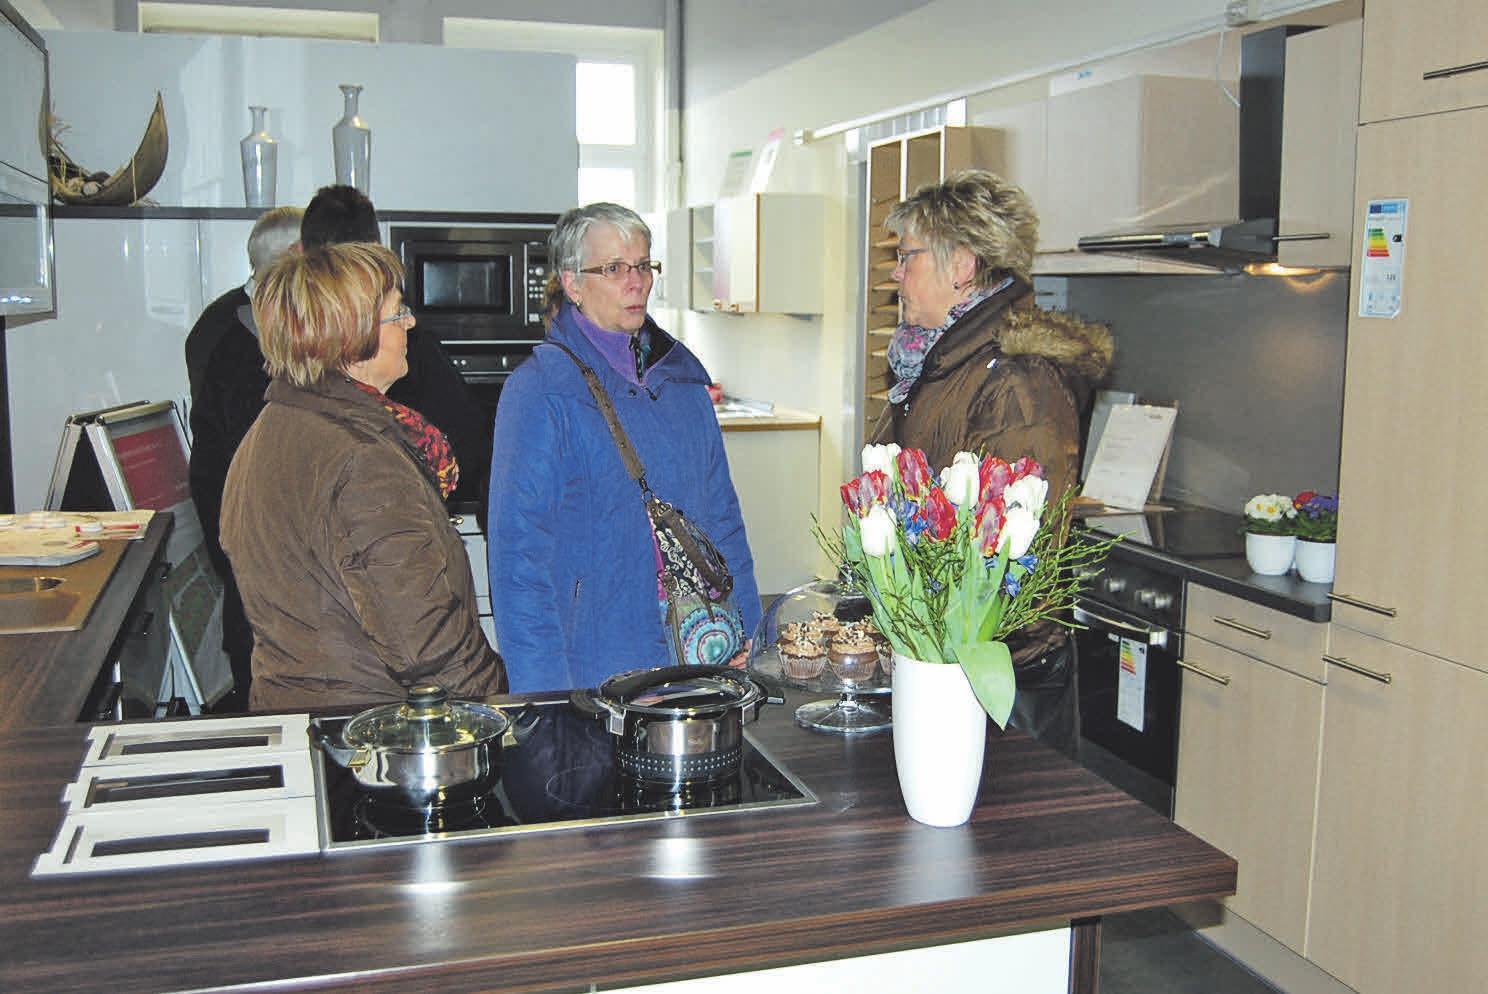 In der großen Küchenausstellung werden die neuesten Trends gezeigt.